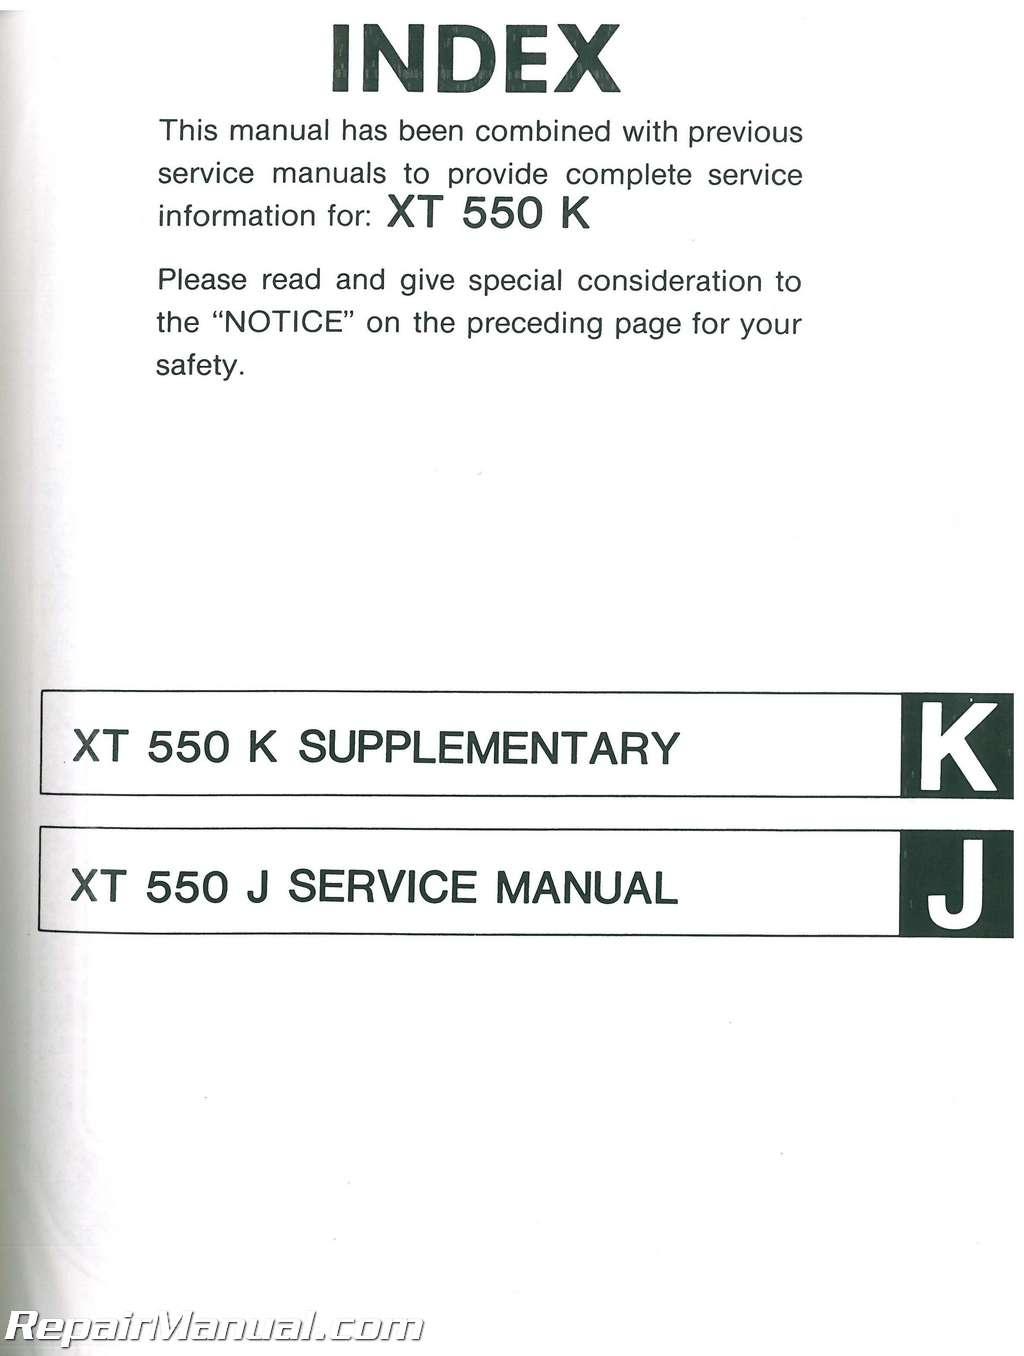 1982 1983 yamaha xt550 service manual rh repairmanual com yamaha xt 550 service manual download yamaha xt 550 service manual download